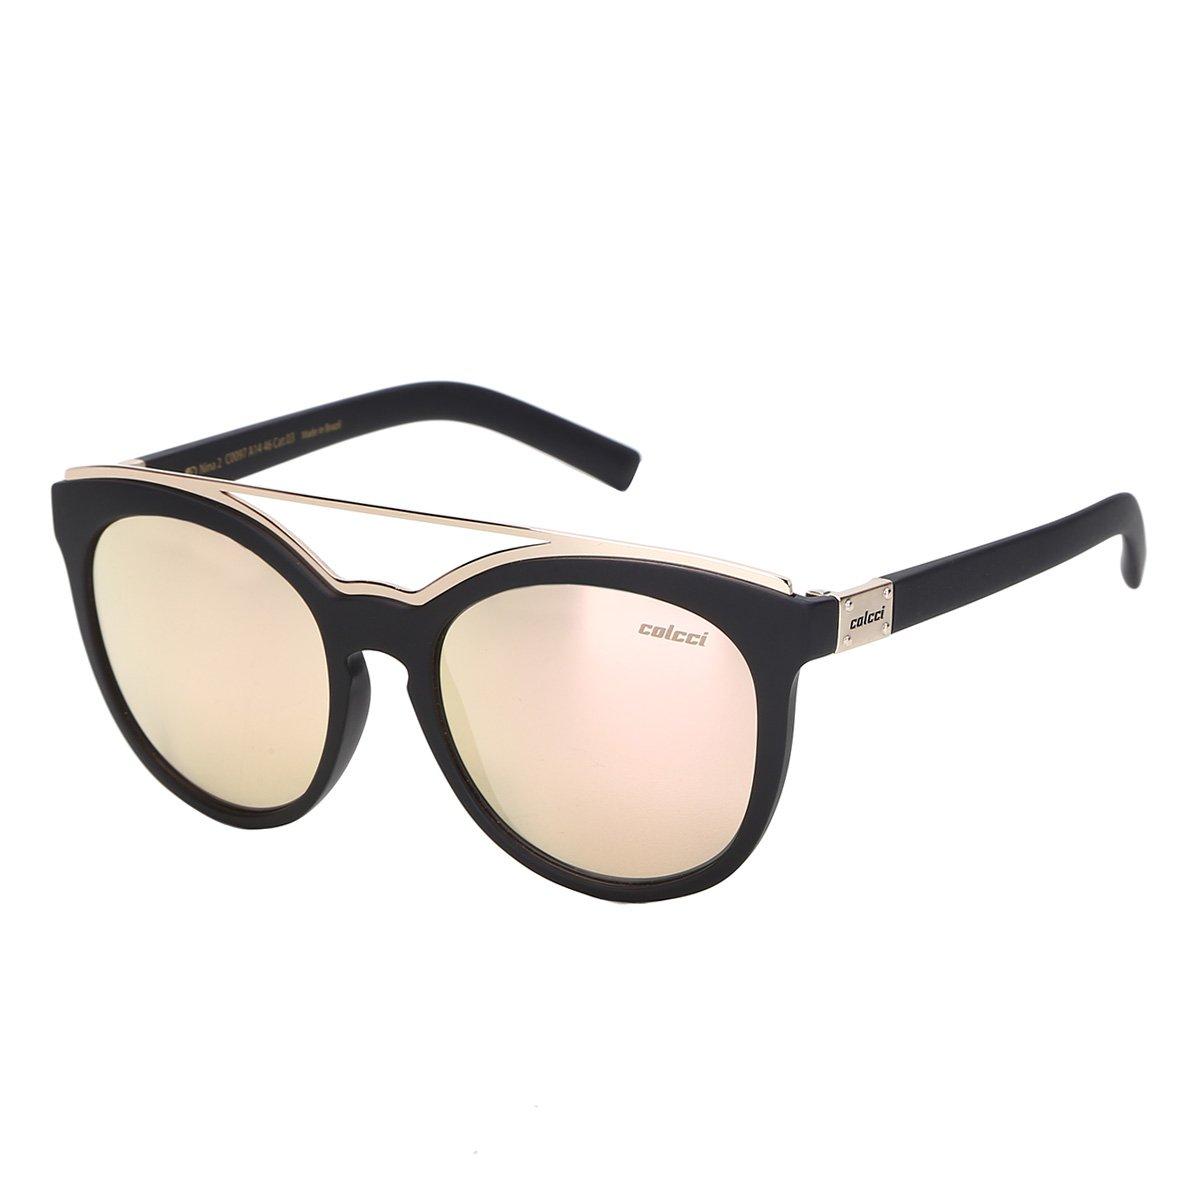 0bbb80333 Óculos de Sol Colcci Nina II C0097 Feminino | Livelo -Sua Vida com ...